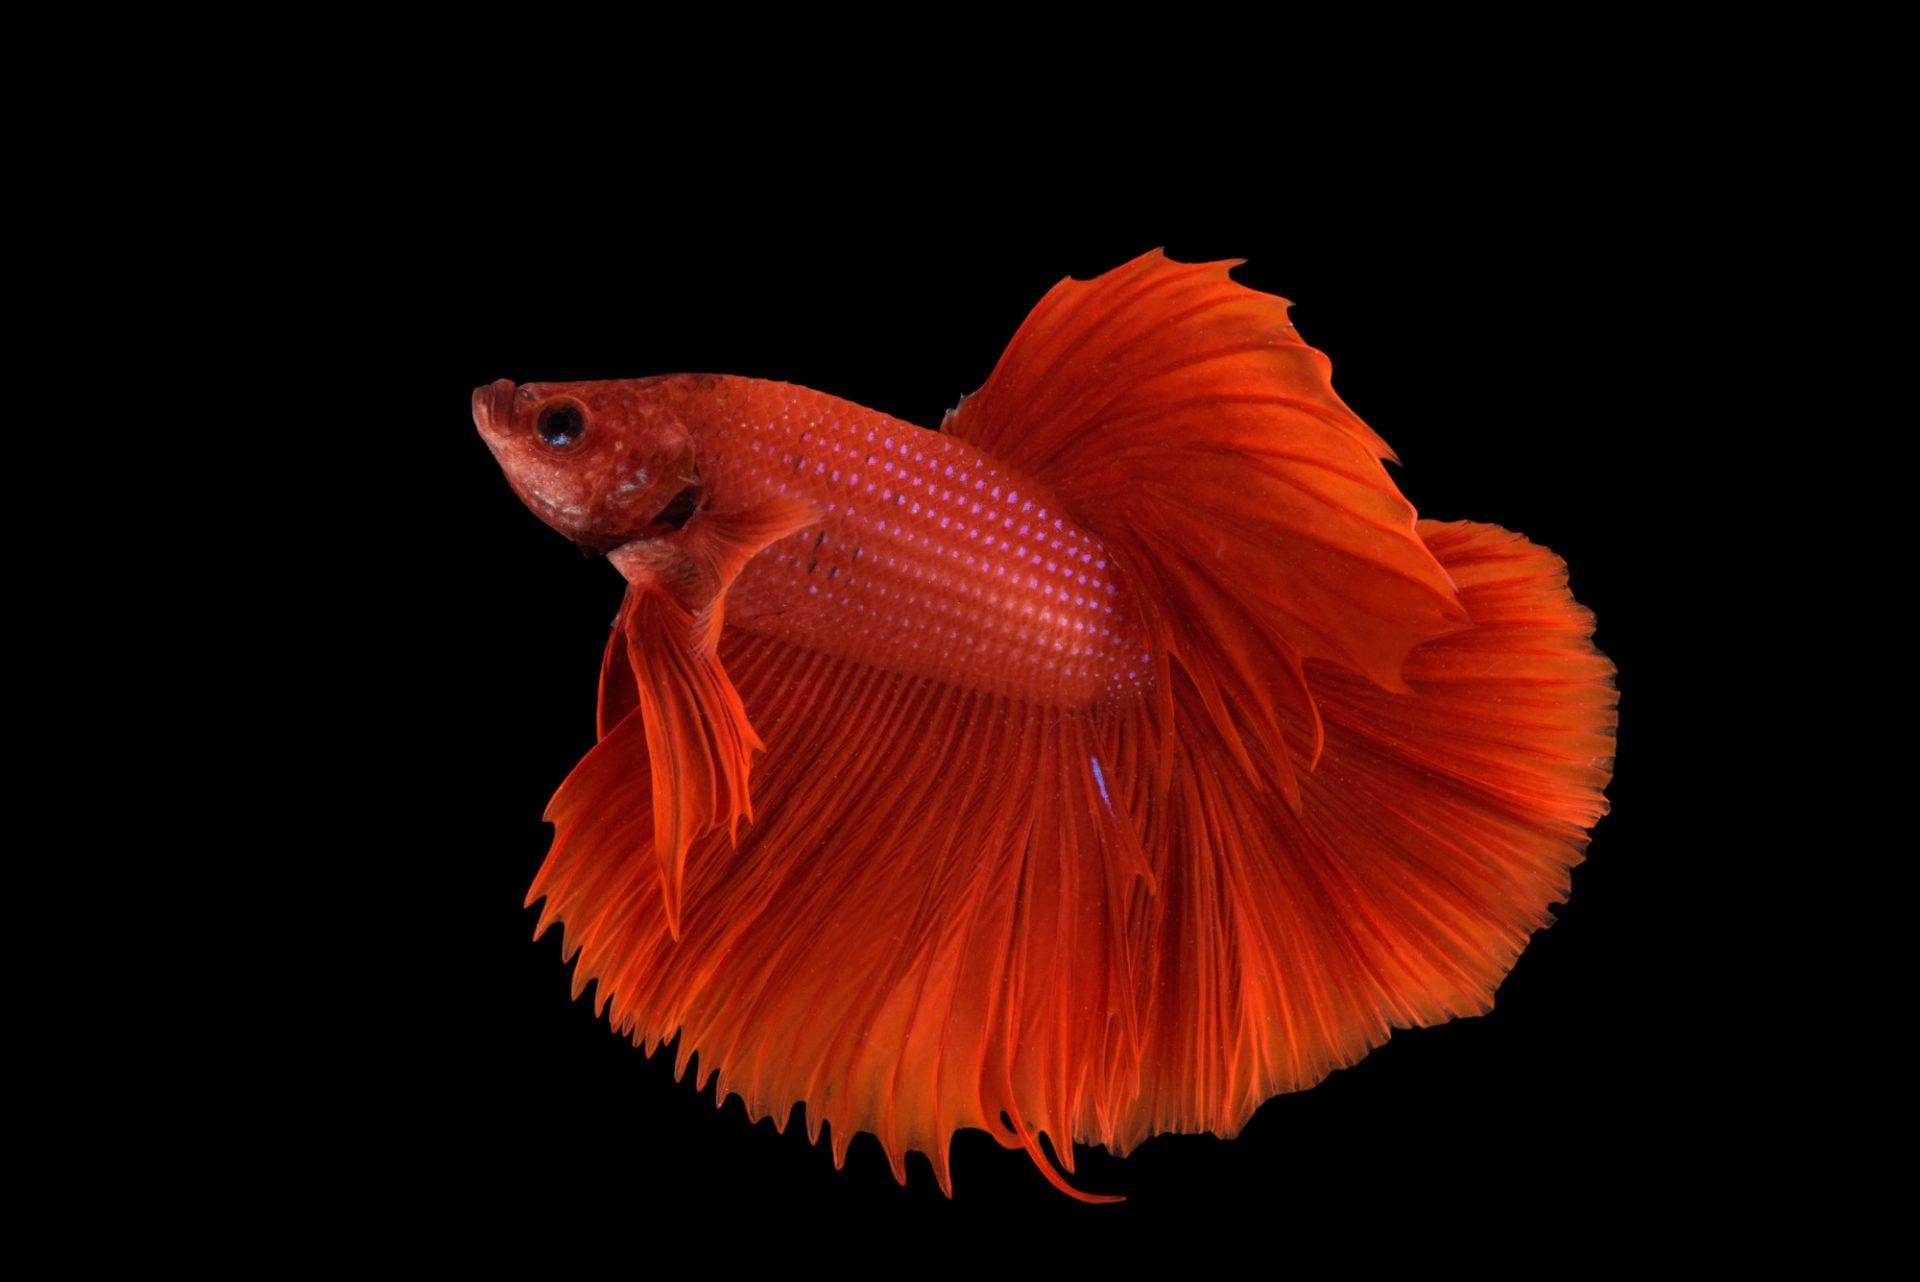 Fis011 00707 joel sartore for Fish store lincoln ne